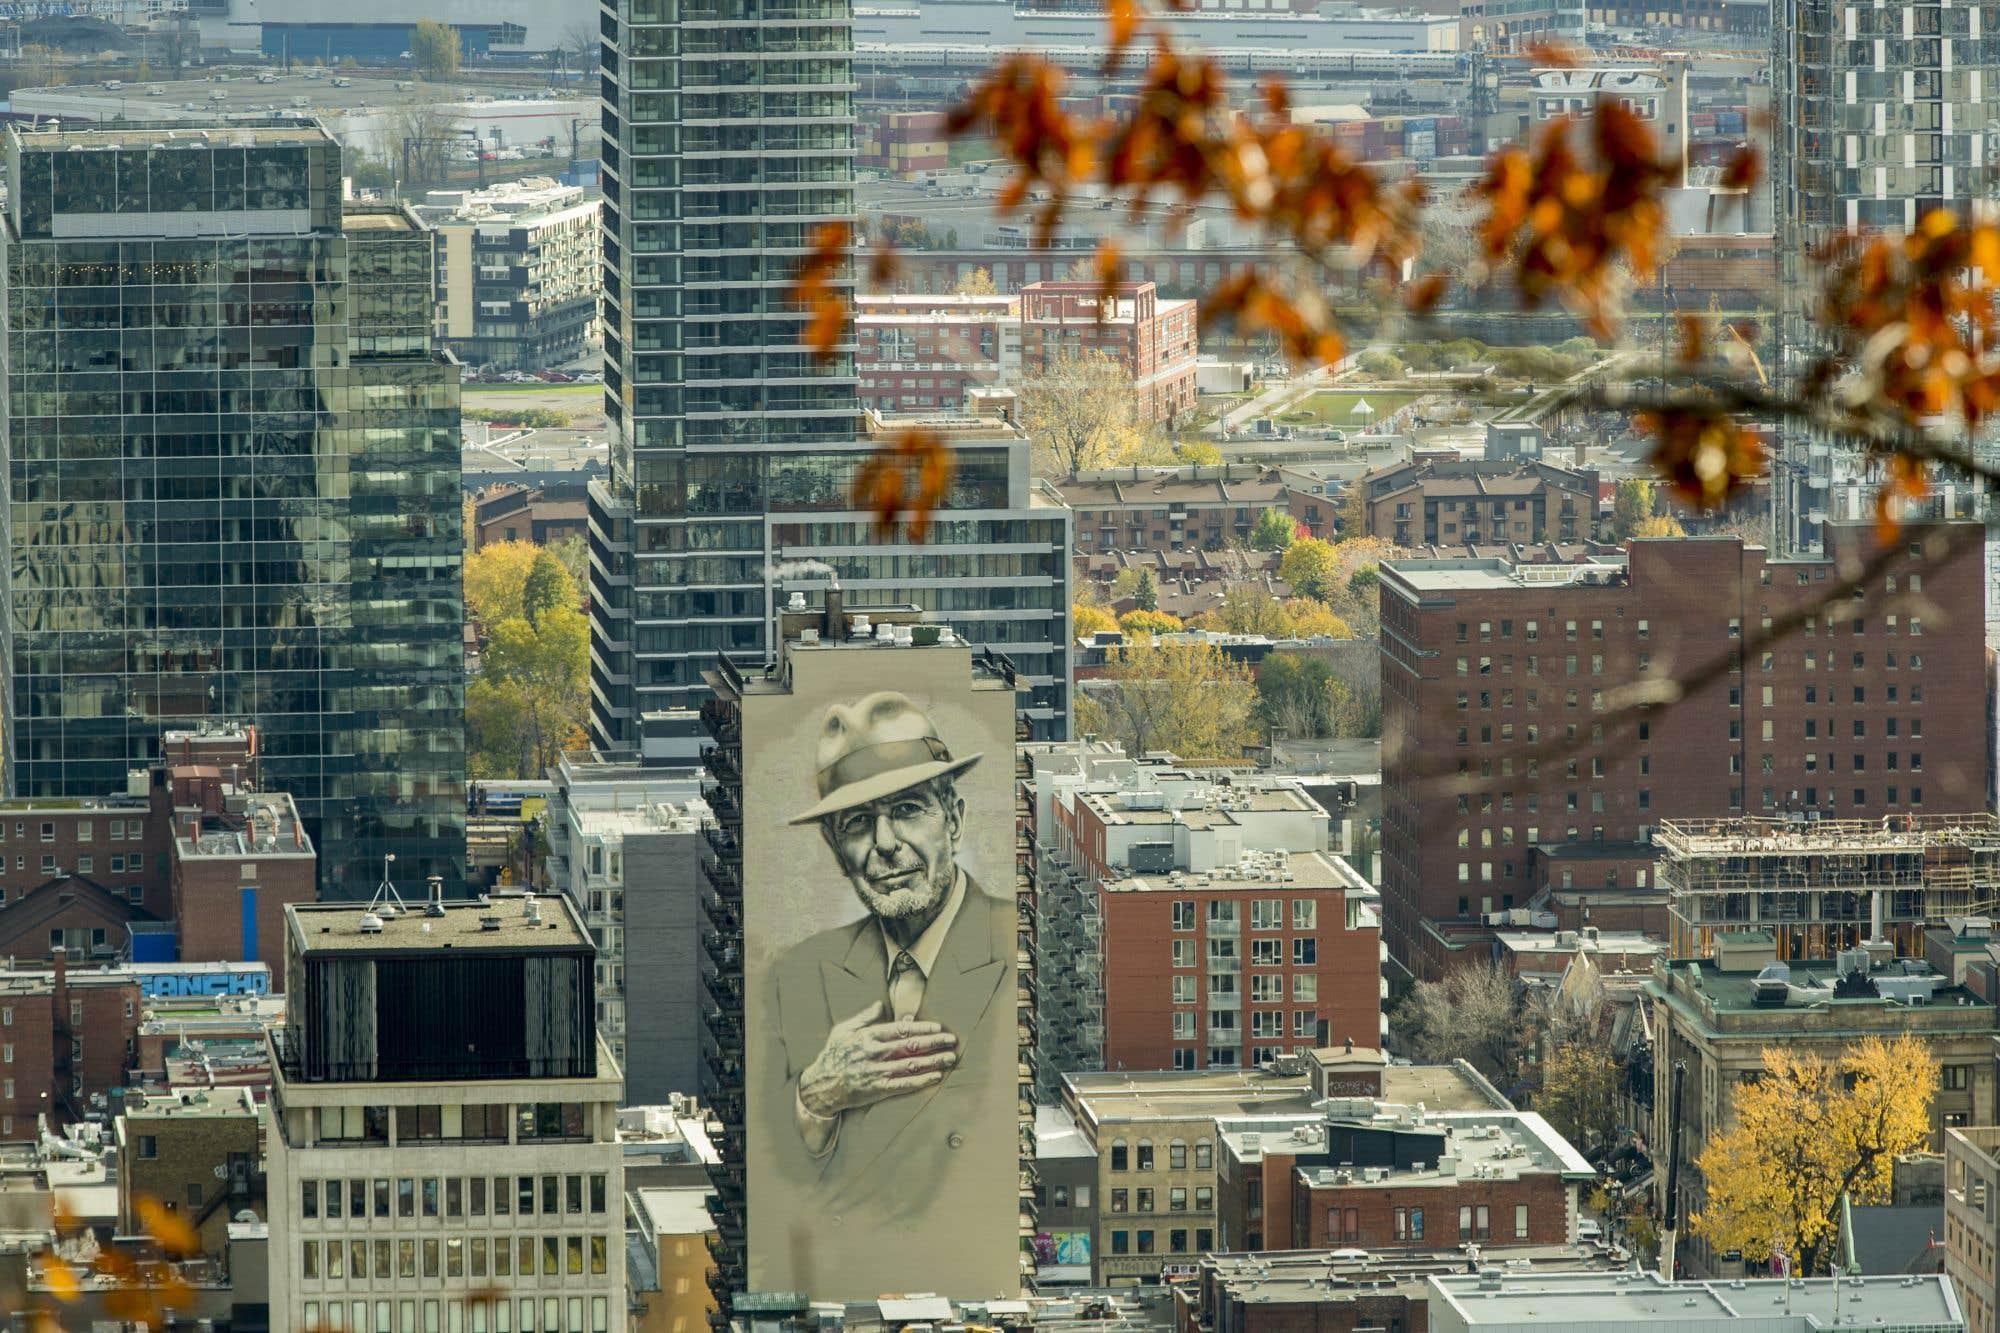 L'image de Leonard Cohen, décédé le 7 novembre 2016, scrute désormais Montréal du haut de la murale de 10 000 pieds carrés qu'un duo d'artistes, El Mac et Gene Pendon, accompagné de treize autres, parrainés par l'organisme Mu, a peinte à sa mémoire.